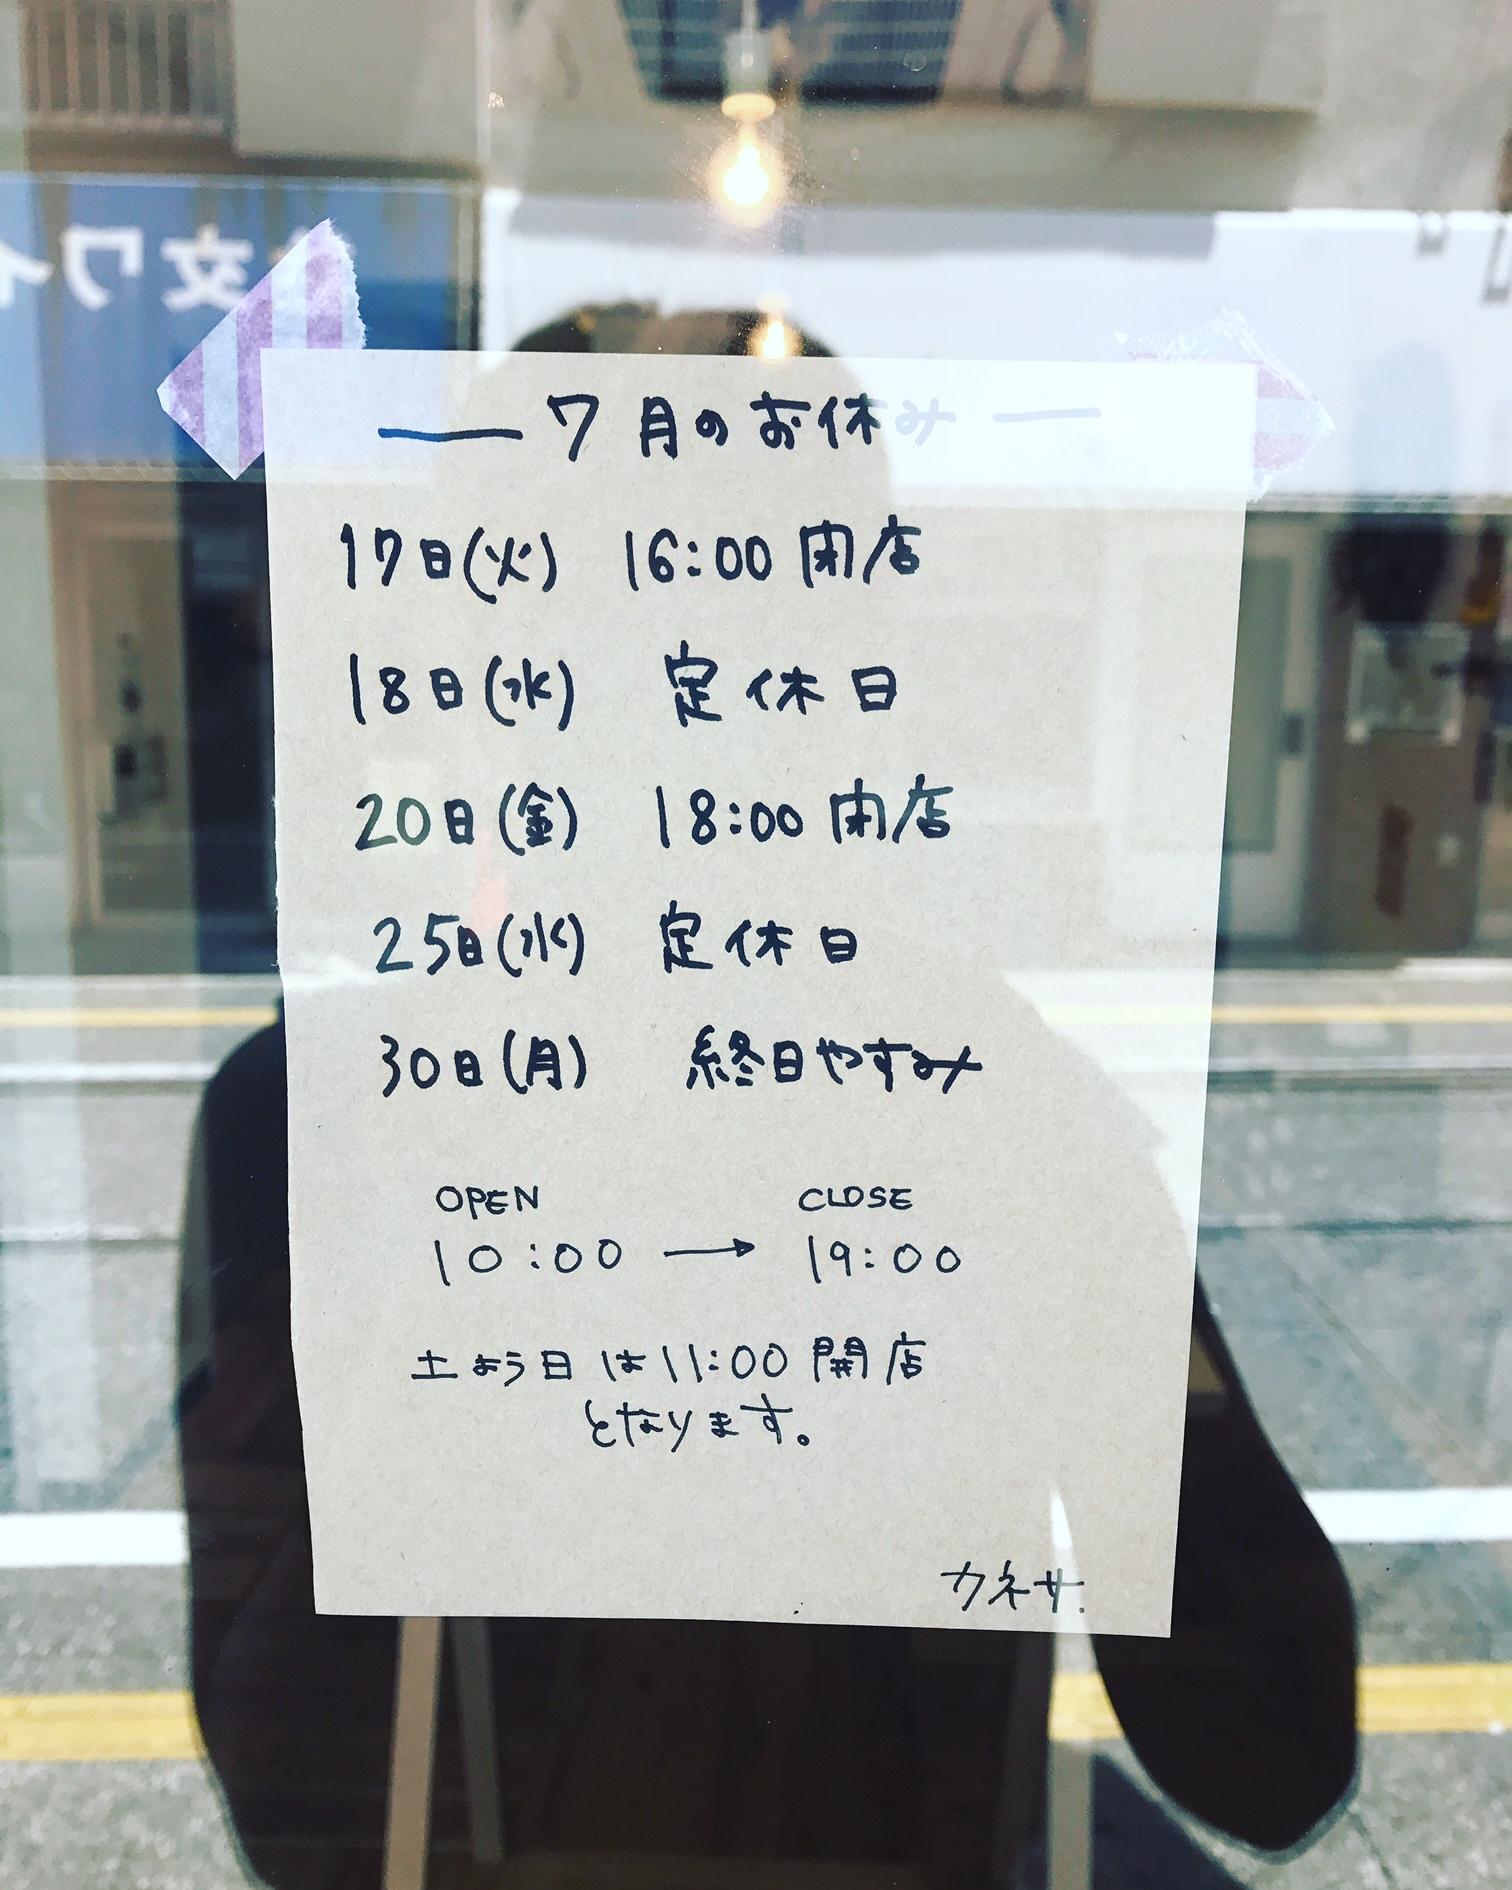 【変更あり】松陰神社前7月のおやすみ